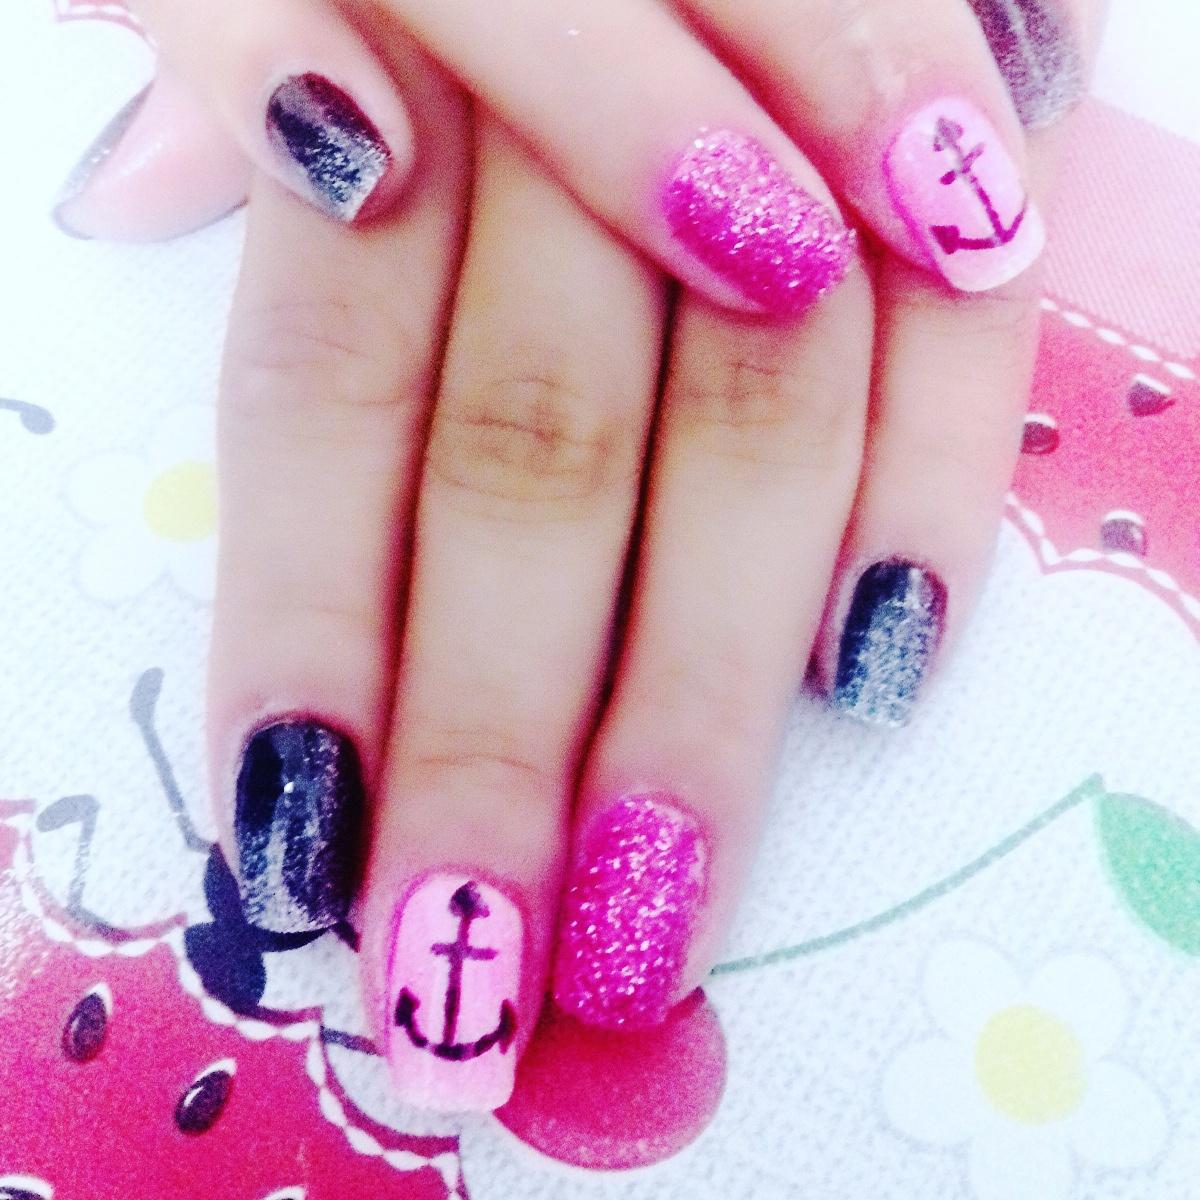 Mistura de cores, com linda decoração de âncora.   unha estudante (manicure)